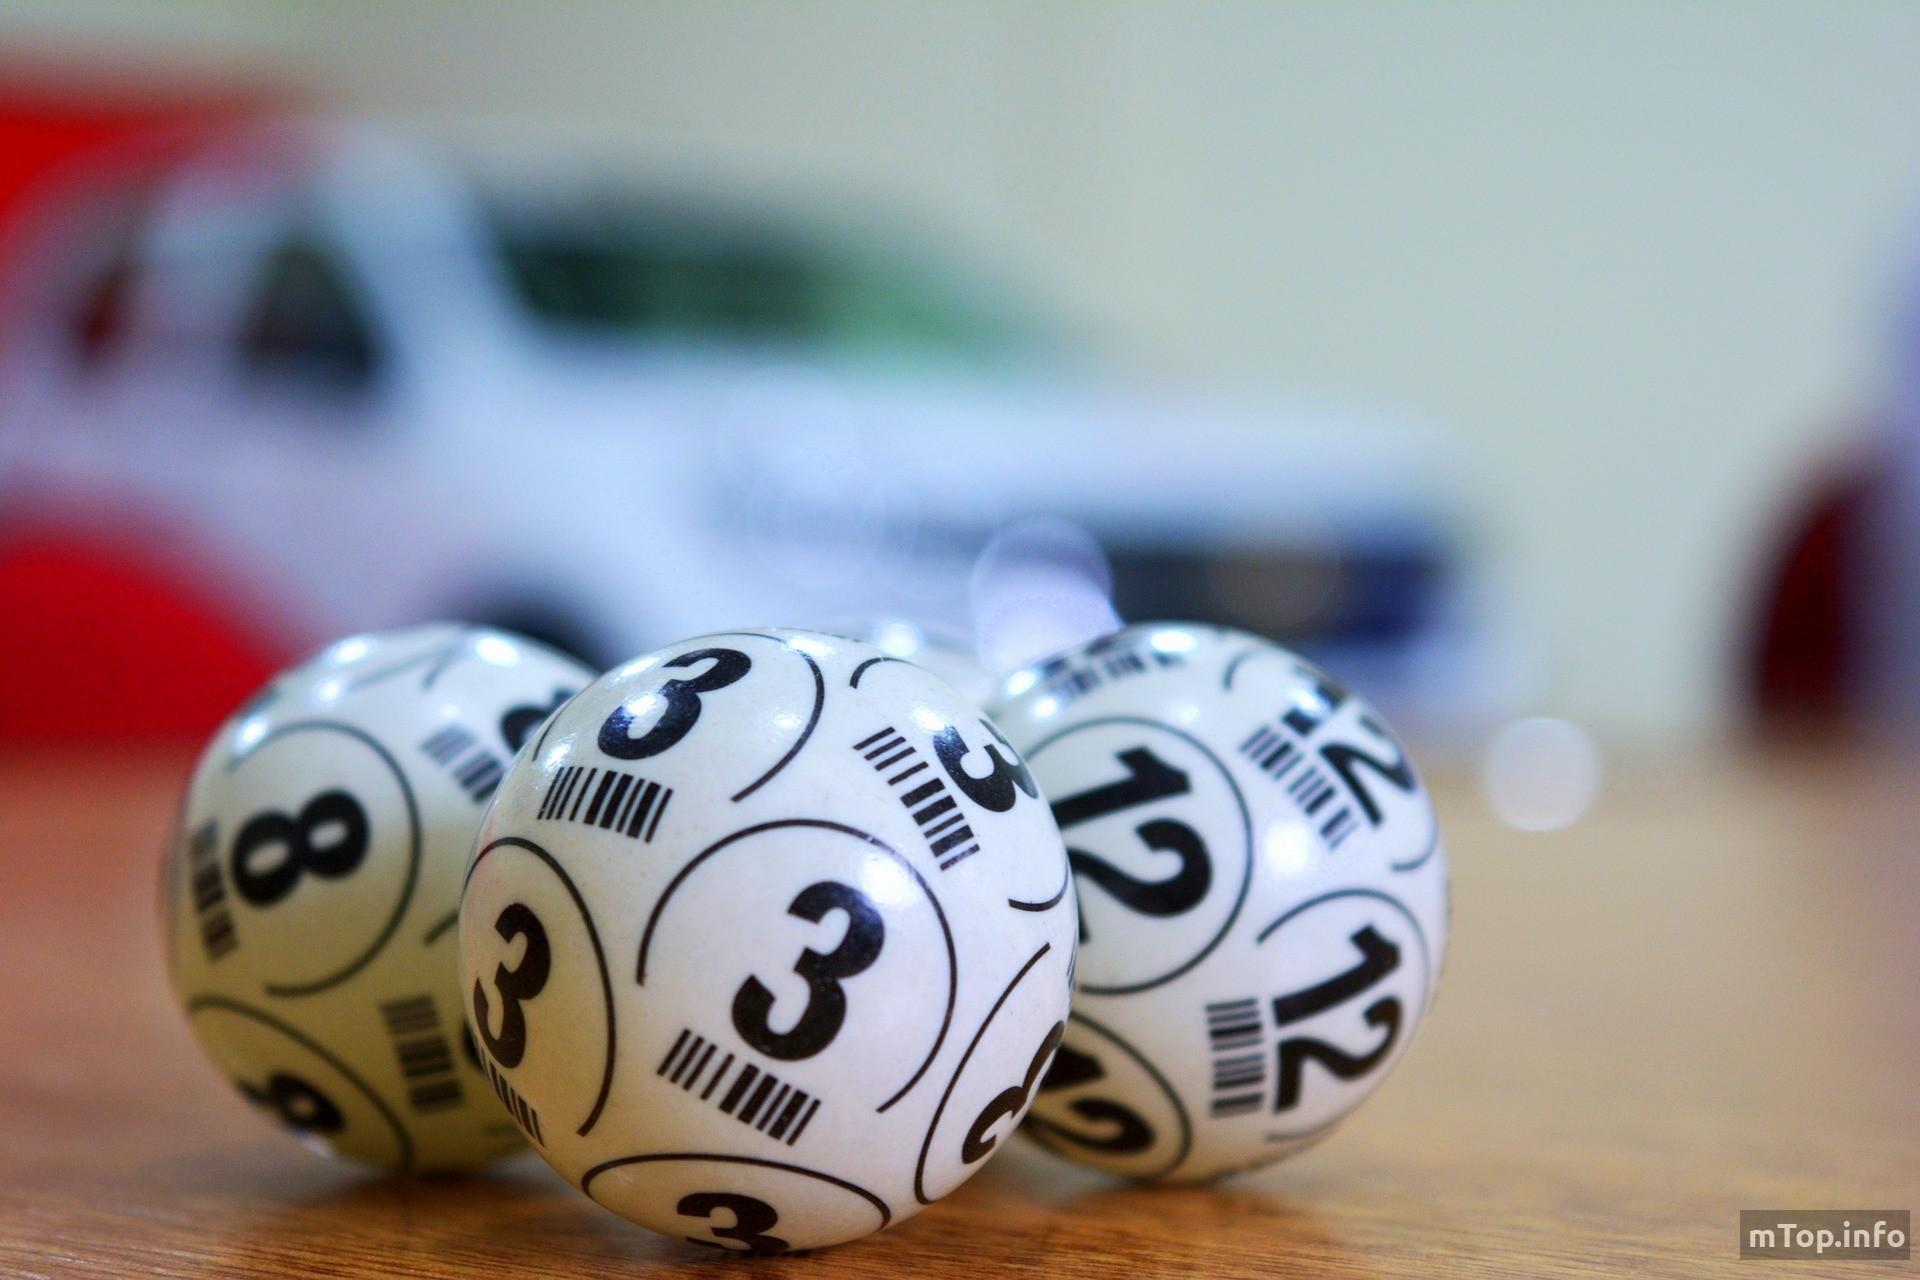 Lottogewinne für Kinder 2021 - abc.es